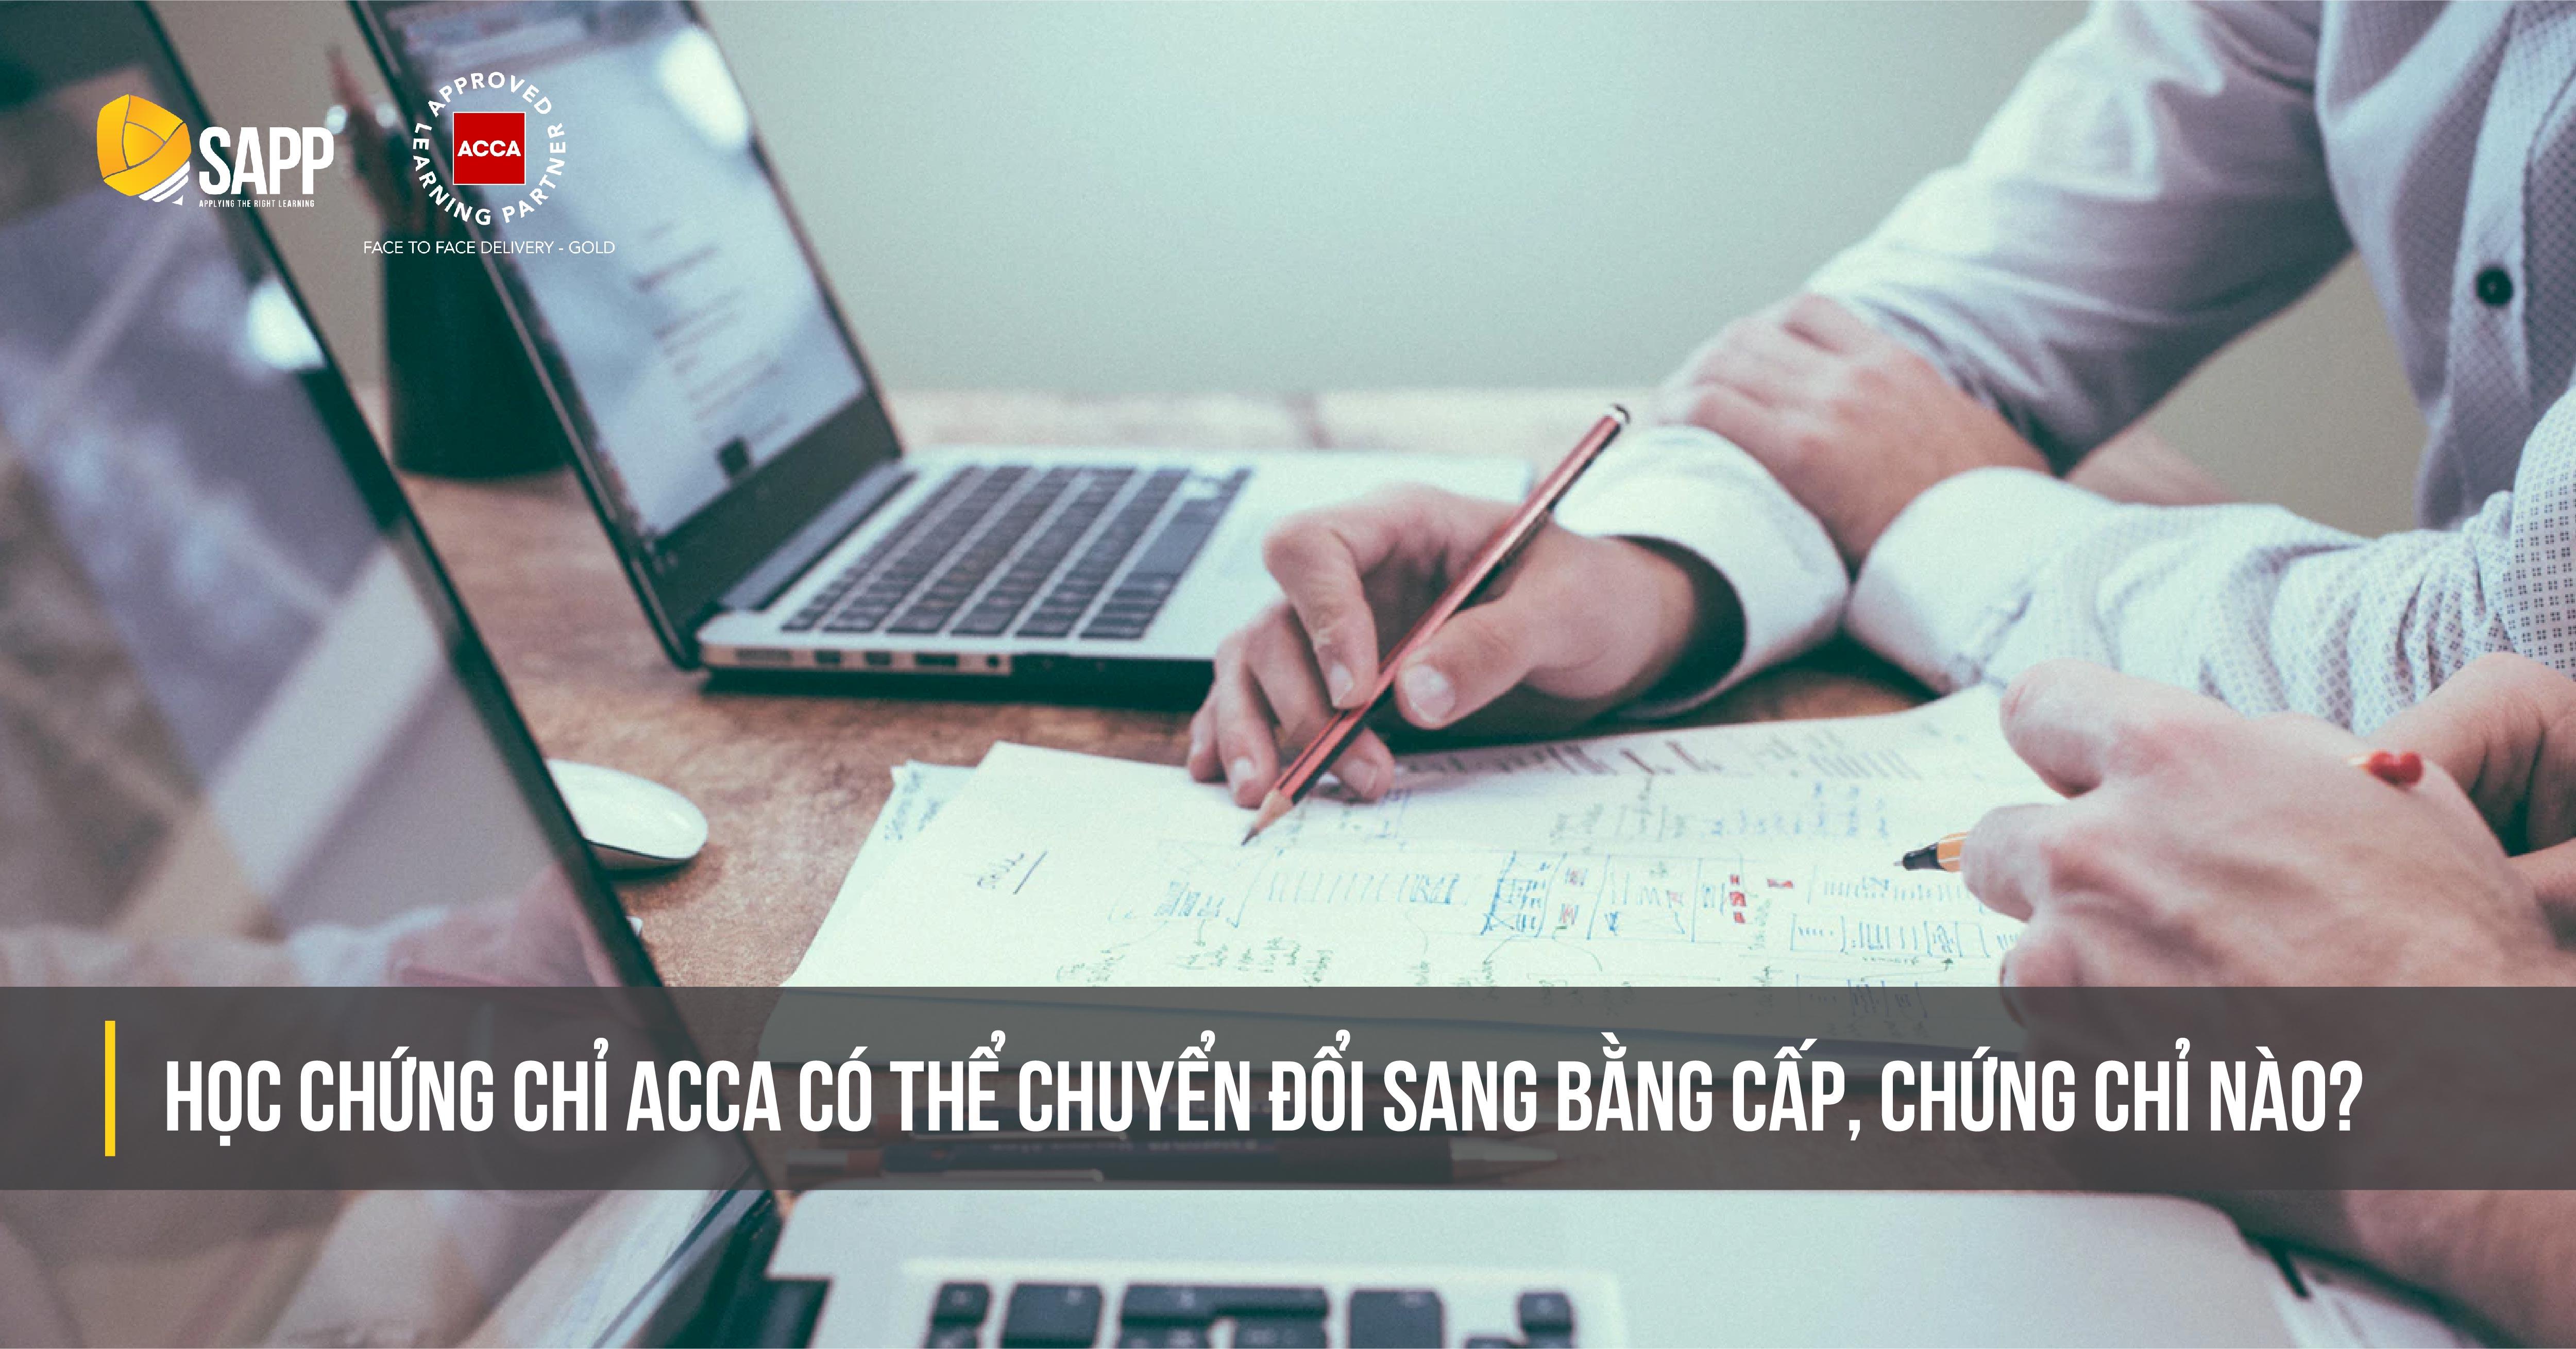 Học chứng chỉ ACCA có thể chuyển đổi sang bằng cấp, chứng chỉ nào